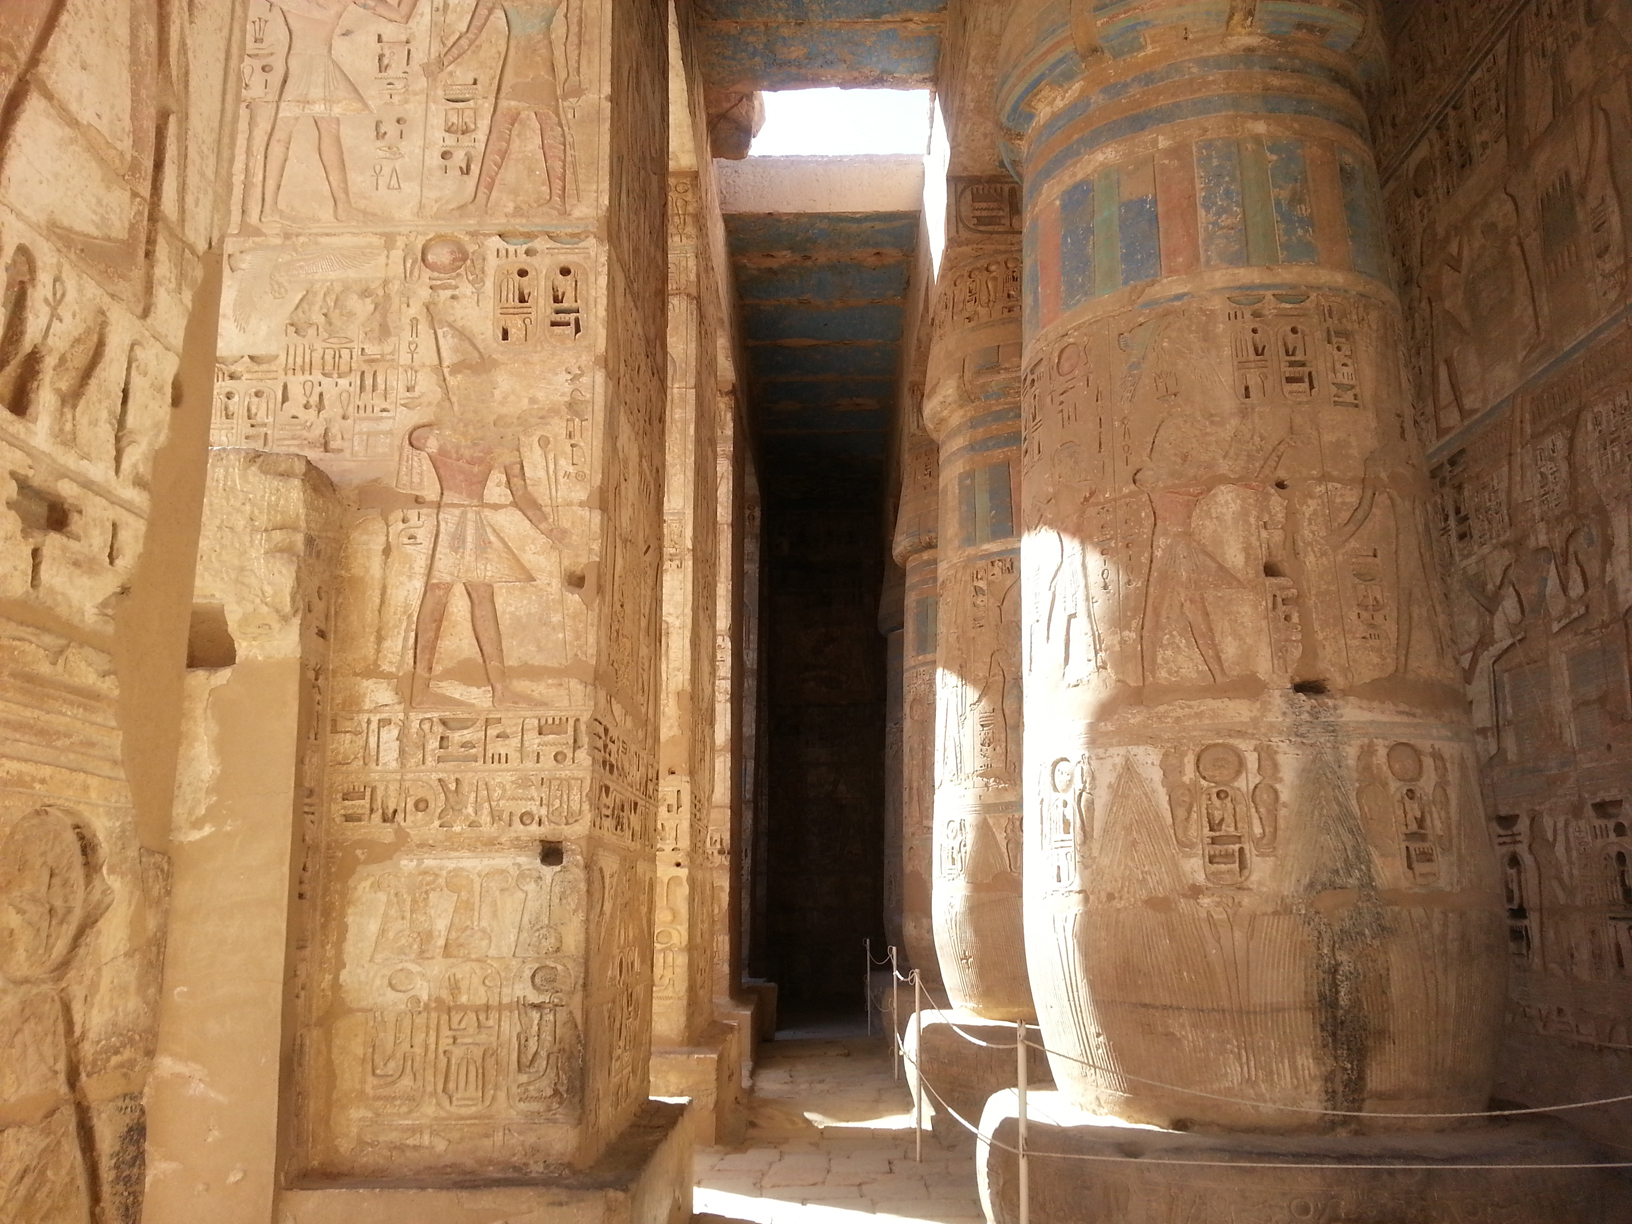 The main colossi of Luxor temple.